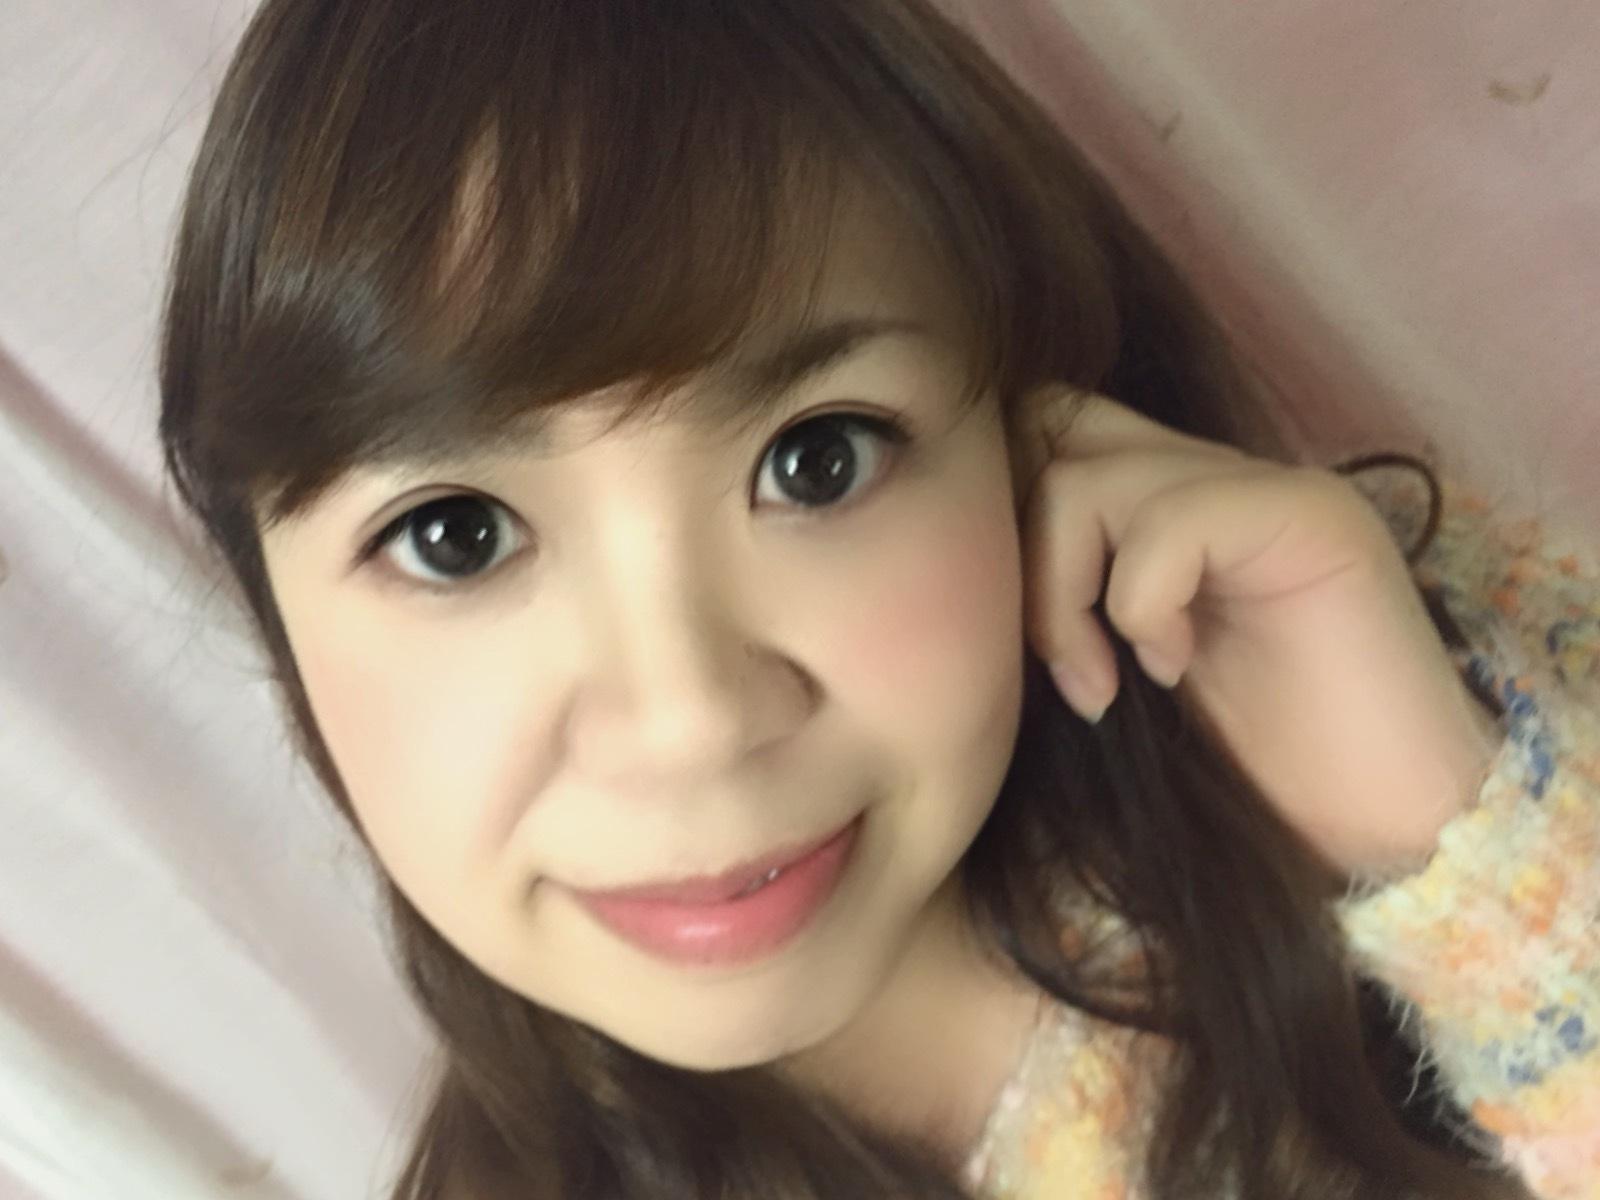 SHINOv - Japanese webcam girl